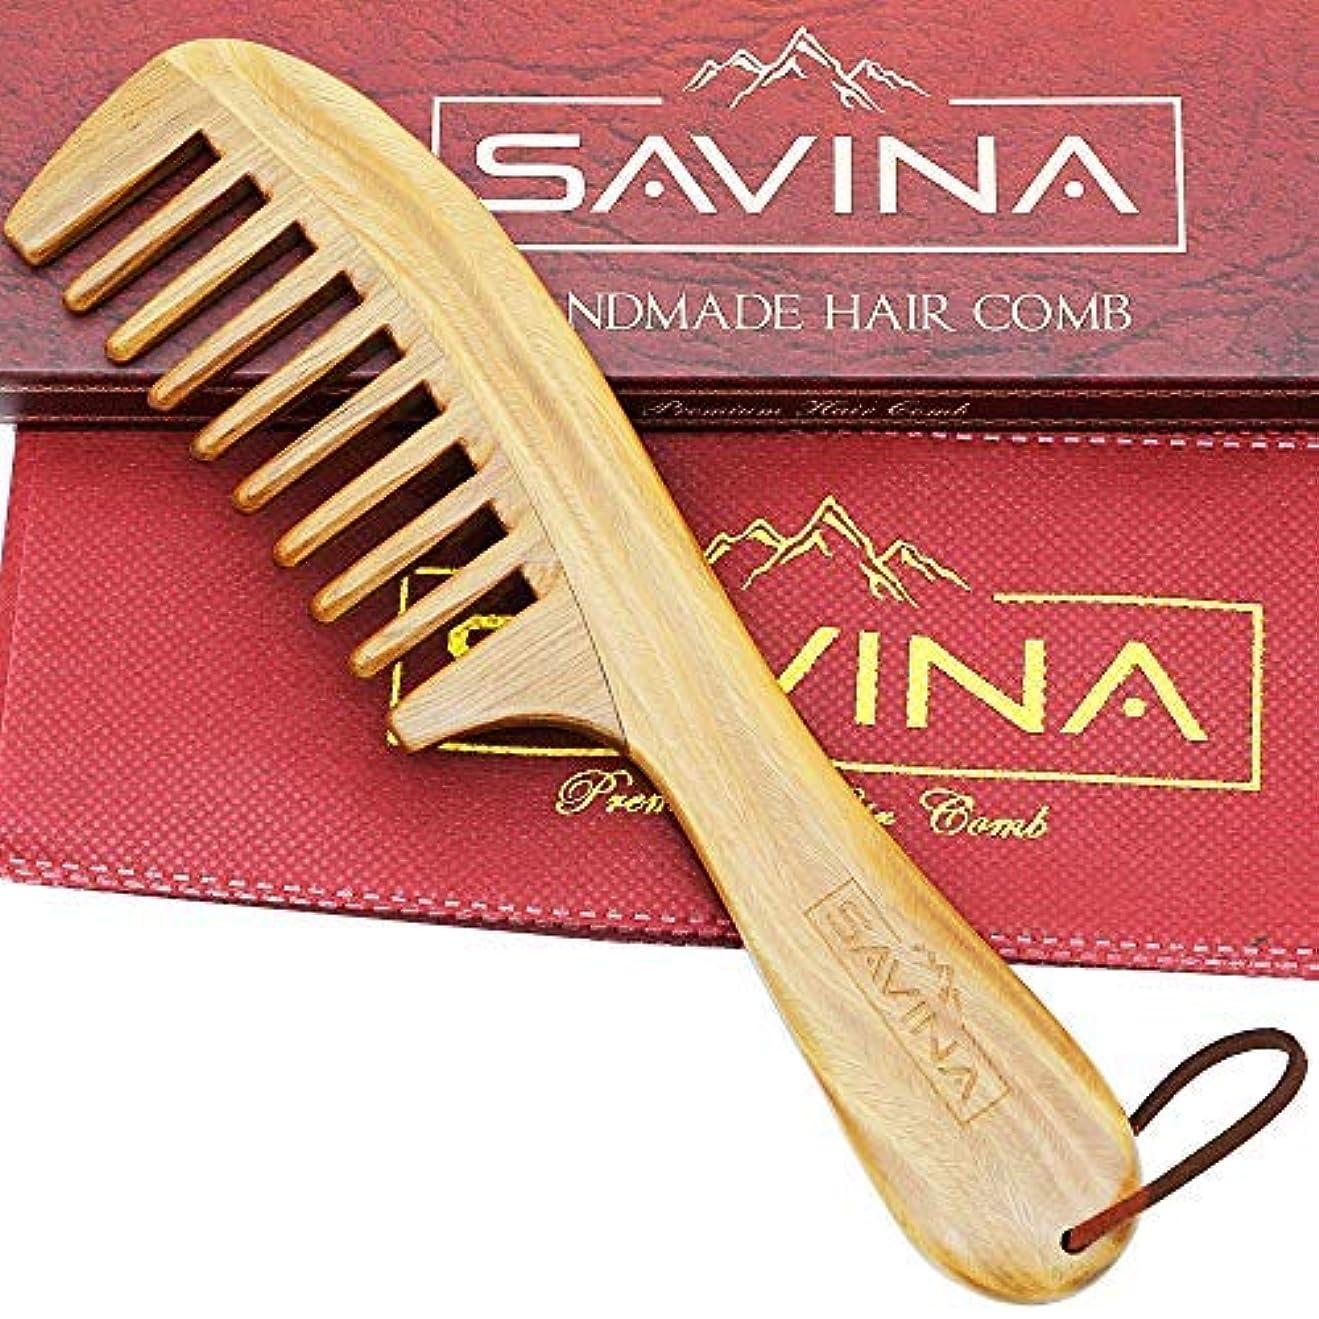 倉庫若者家族Wooden Comb - 8.6 inch Wide Tooth Wood Comb for Thick, Curly Hair by Savina - Anti Static, Reduces Breakage &...